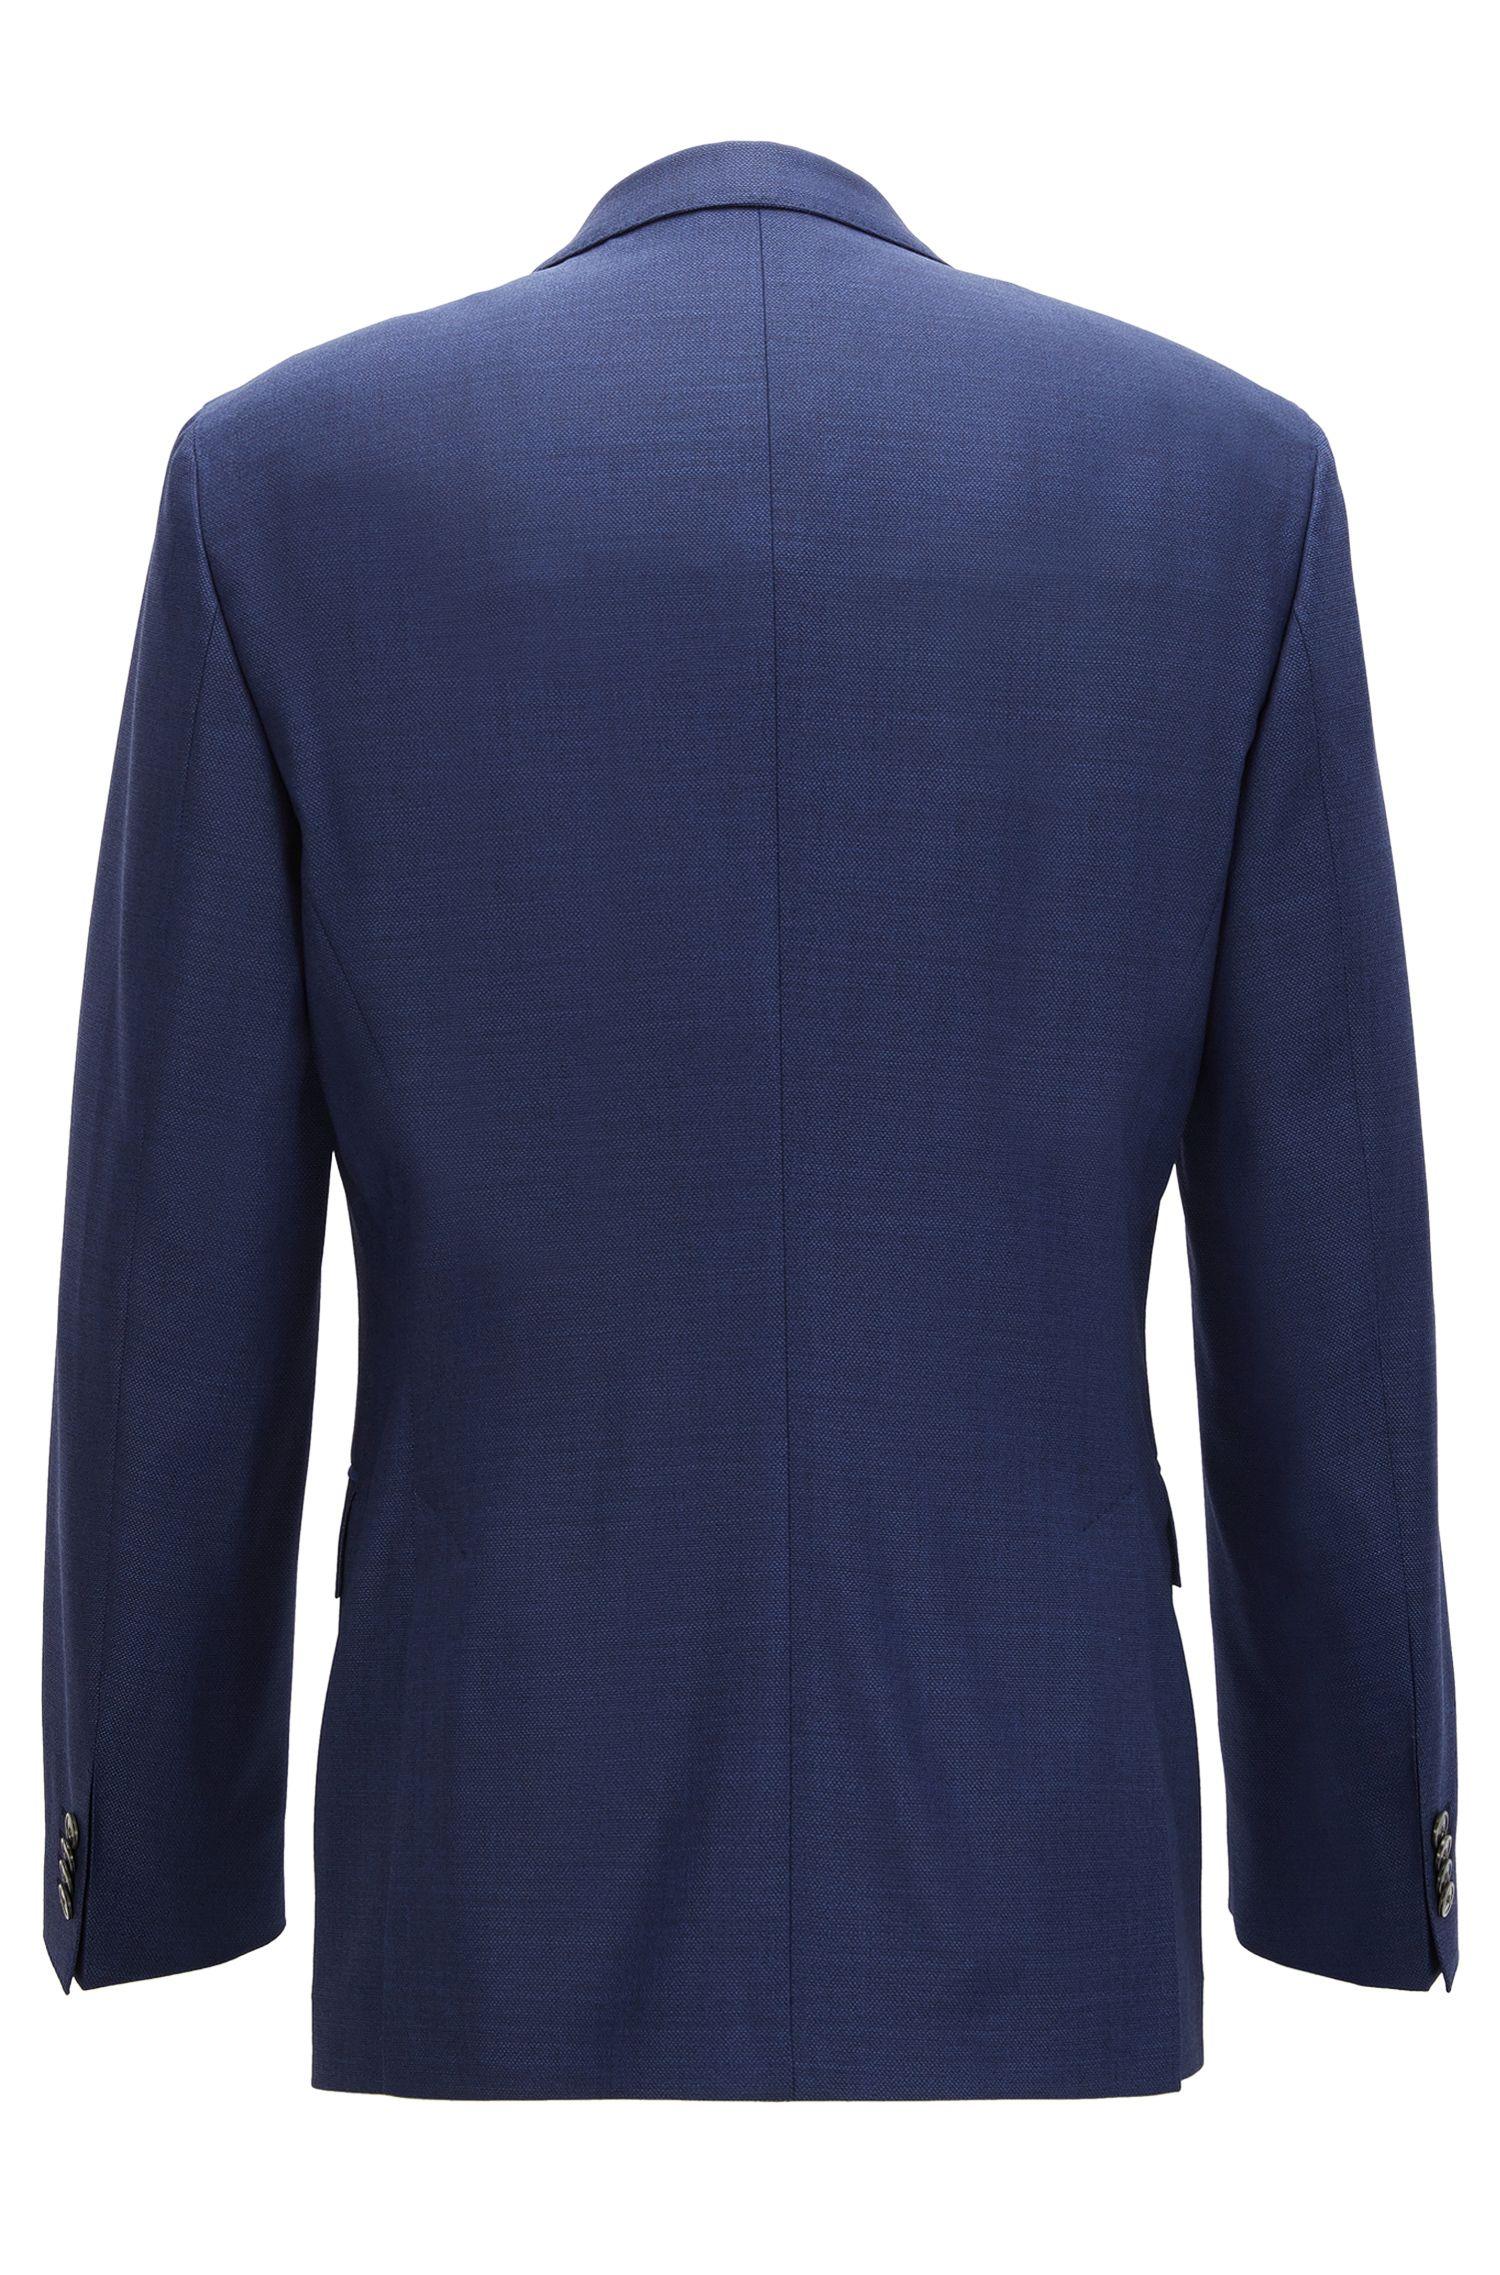 Virgin Wool Silk Suit, Slim Fit | Helford/Gander, Blue